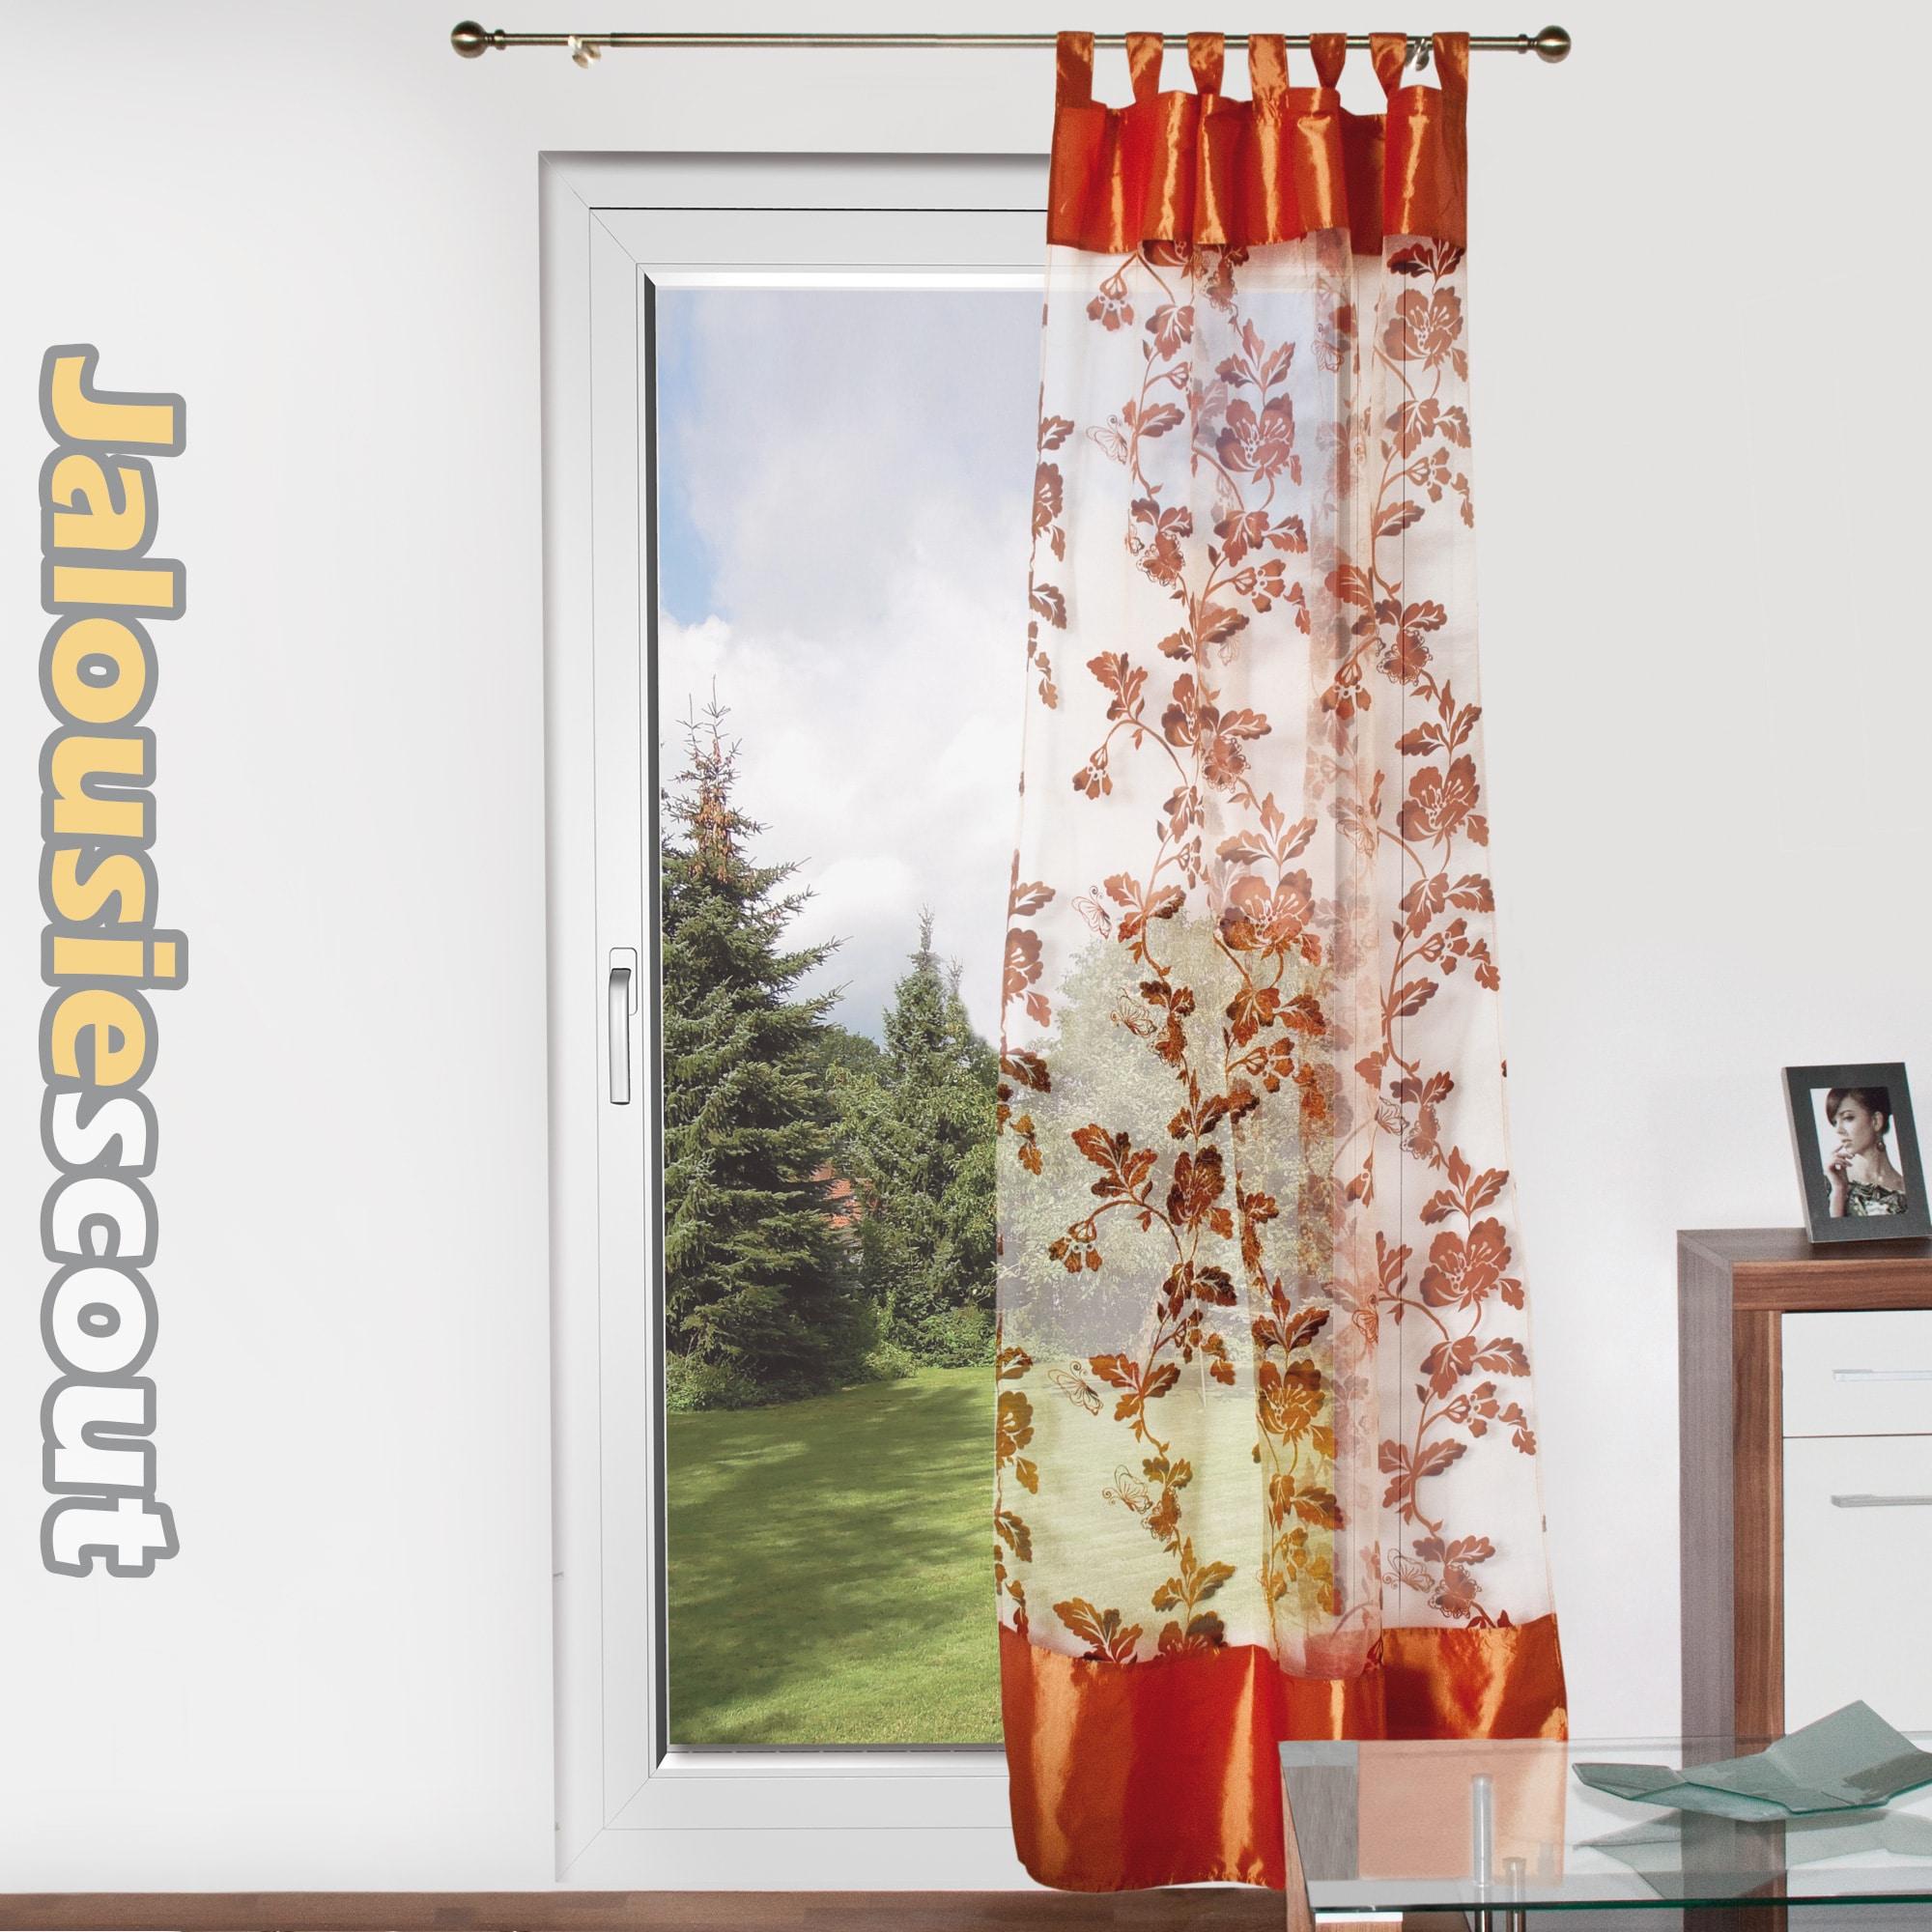 Pailletten store voile schlaufenschla vorhang deko glitzer fenster gardinen ebay - Gardinen wandhalter ...